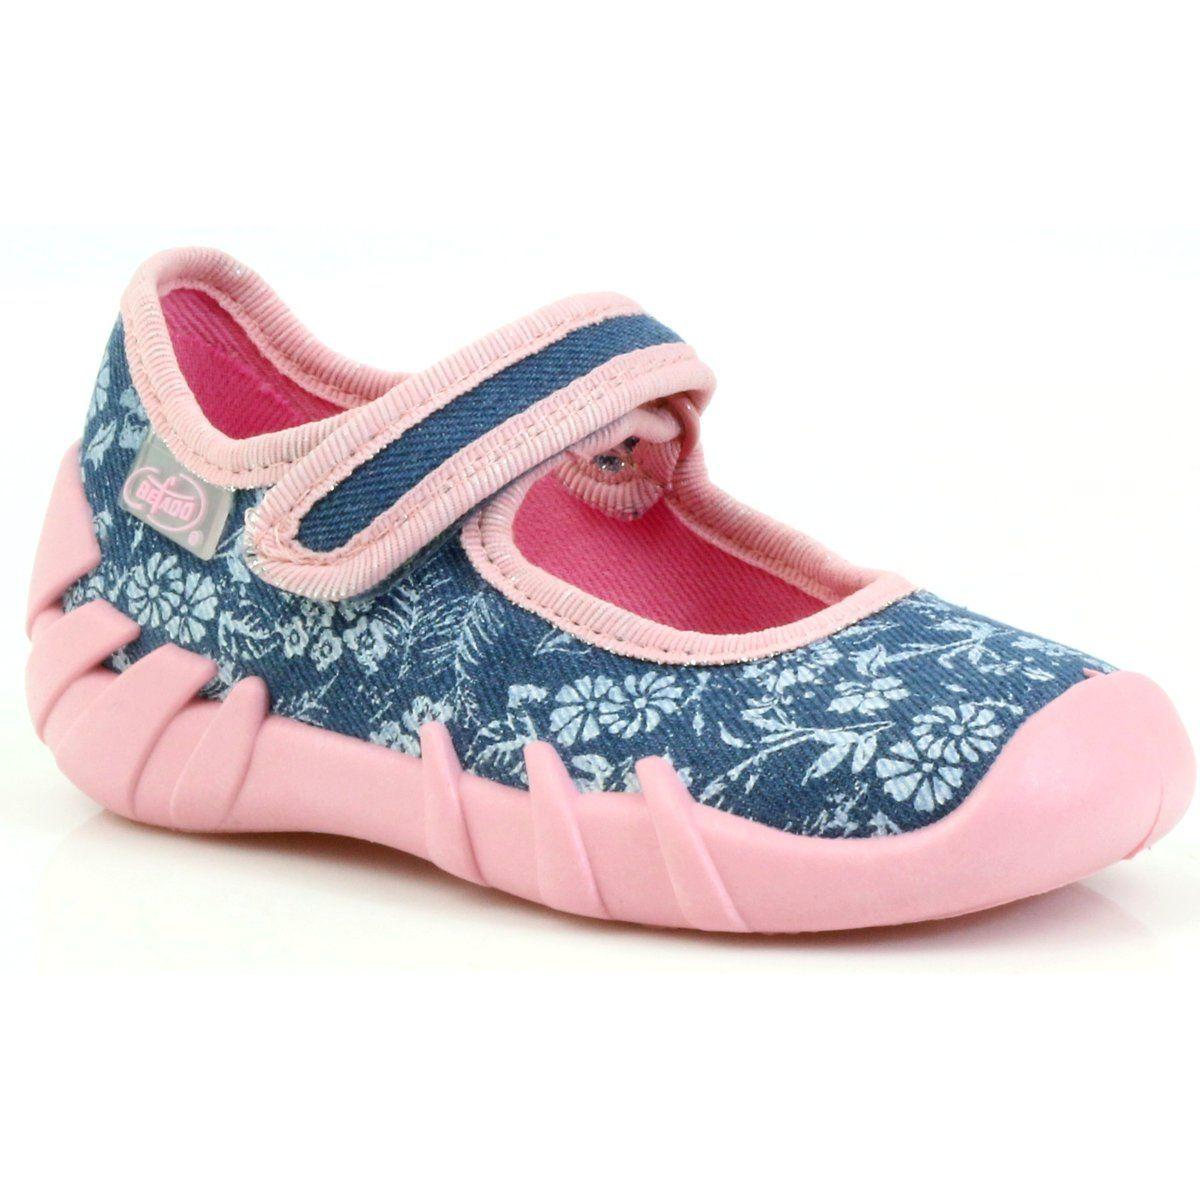 25396733b6e75 Różowe Szare Niebieskie Kapcie balerinki w kwiatki Befado 109p160